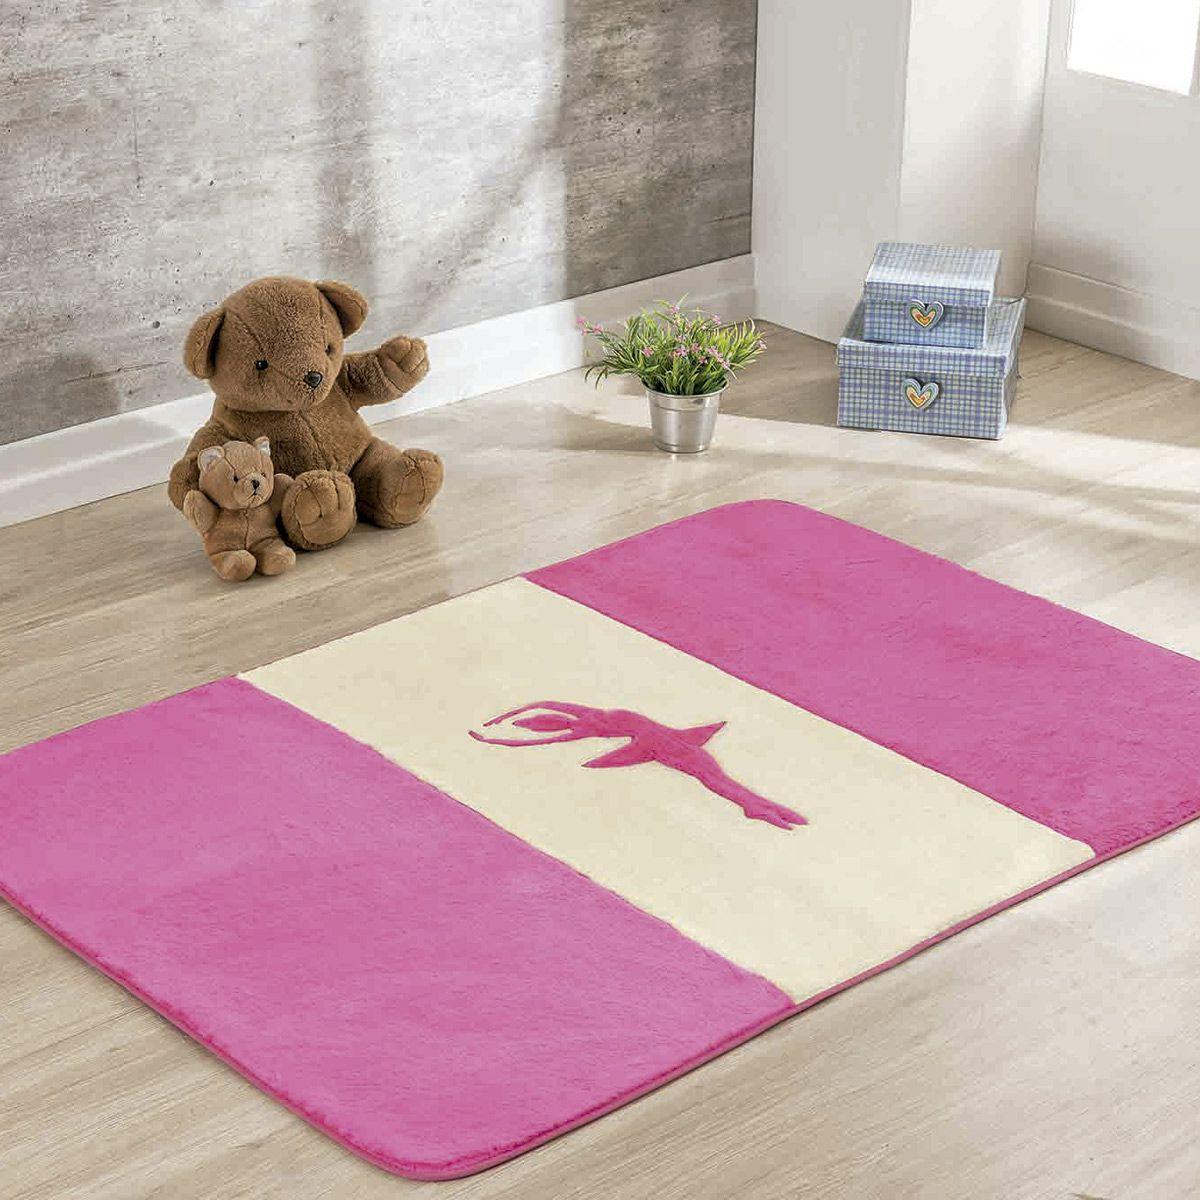 Passadeira Infantil Premium Bailarina Pink 1,20m x 74cm